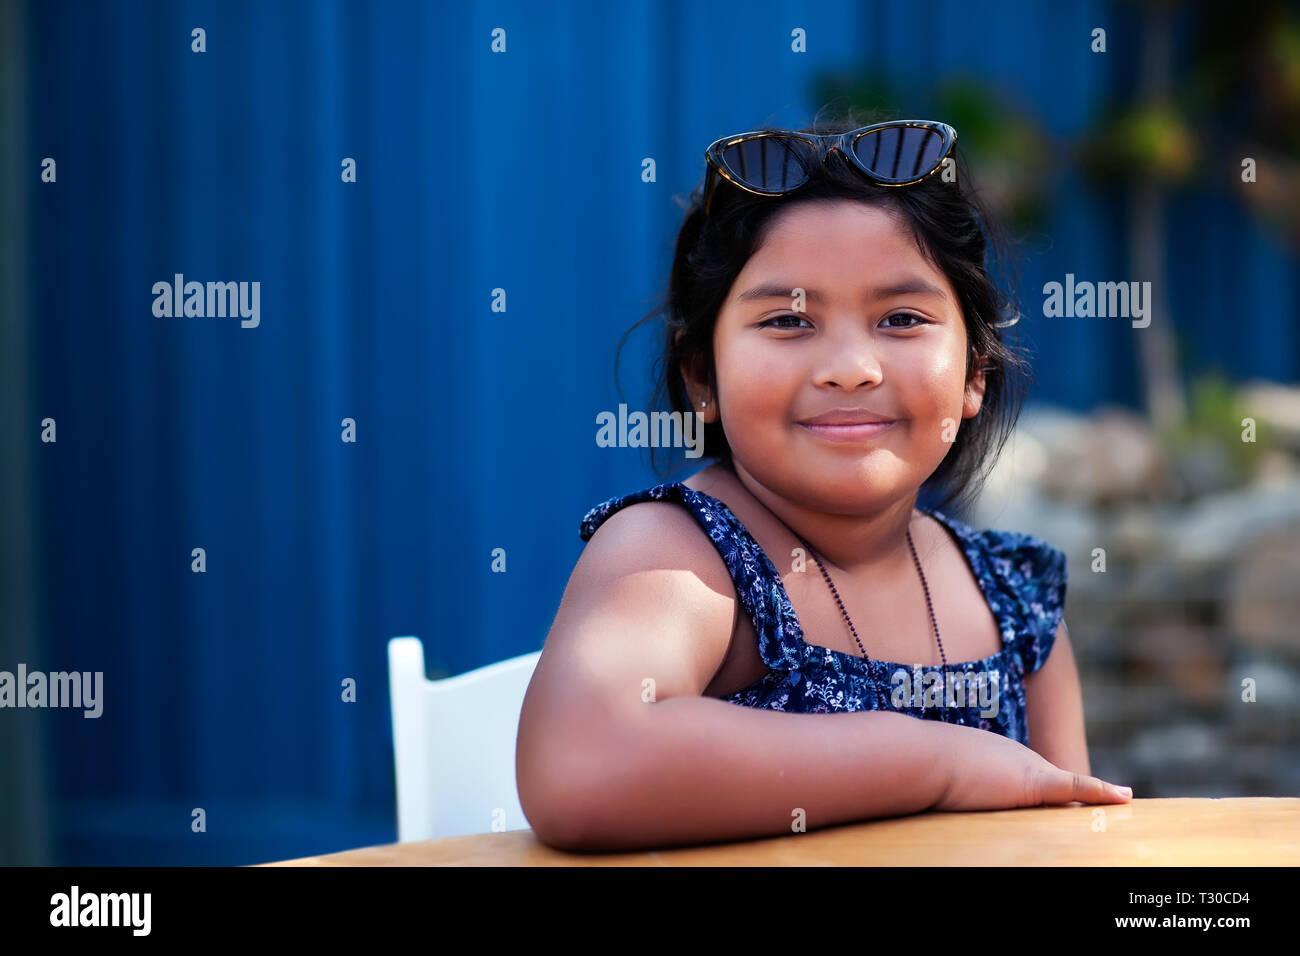 Retrato de una niña amable vistiendo ropa modesta y sombras mientras está sentado y sonriente en un entorno al aire libre. Imagen De Stock